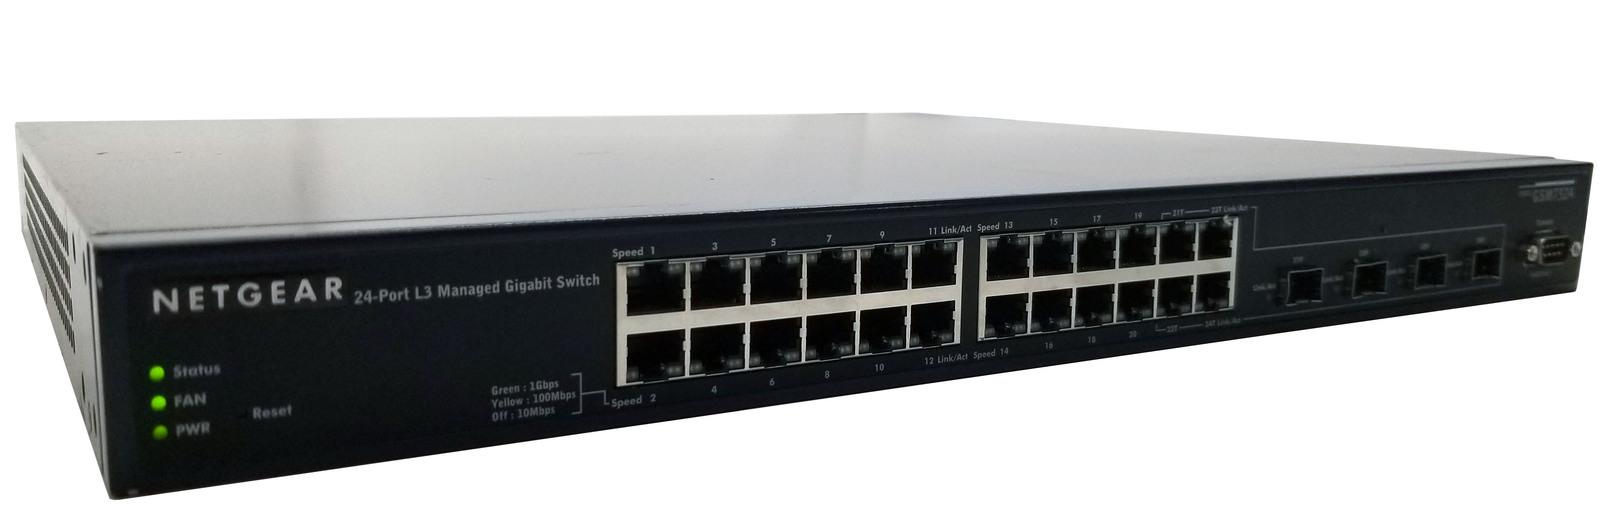 Netgear gsm7324 001